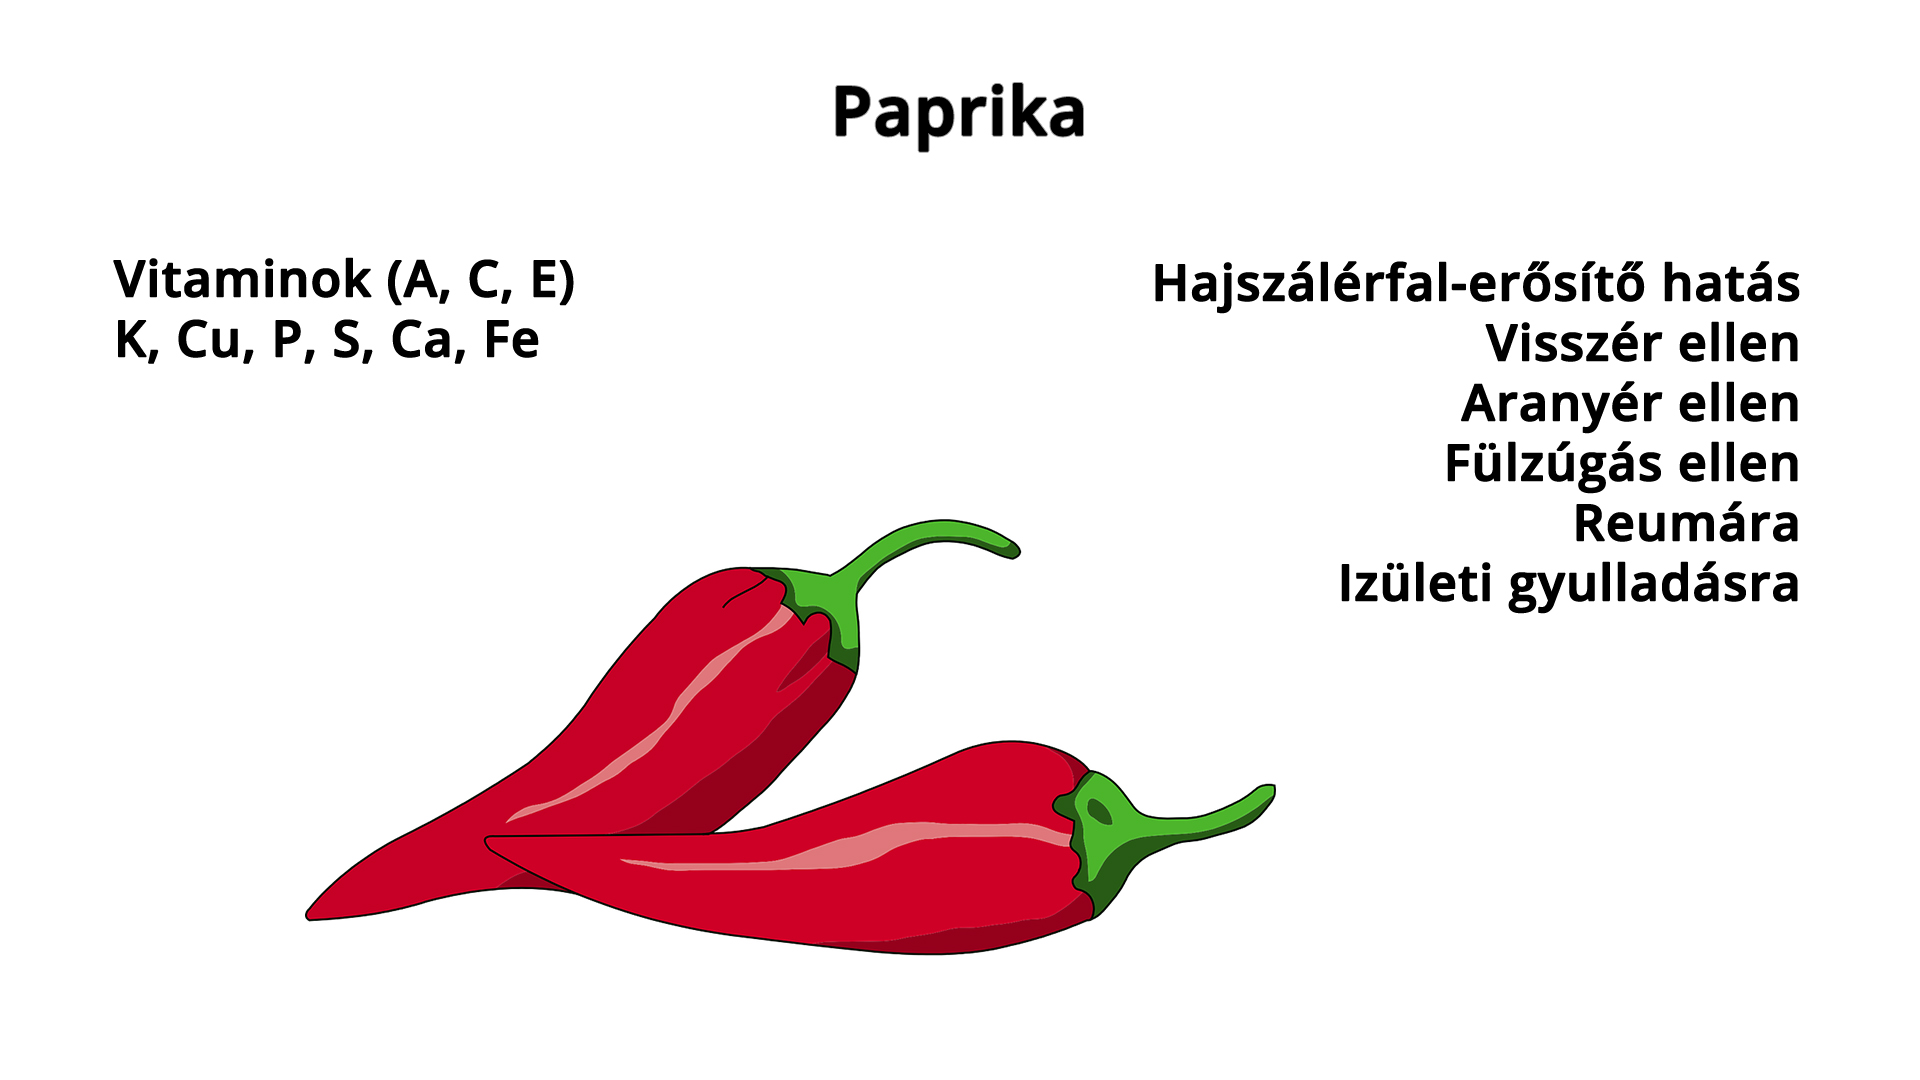 paprika.jpg